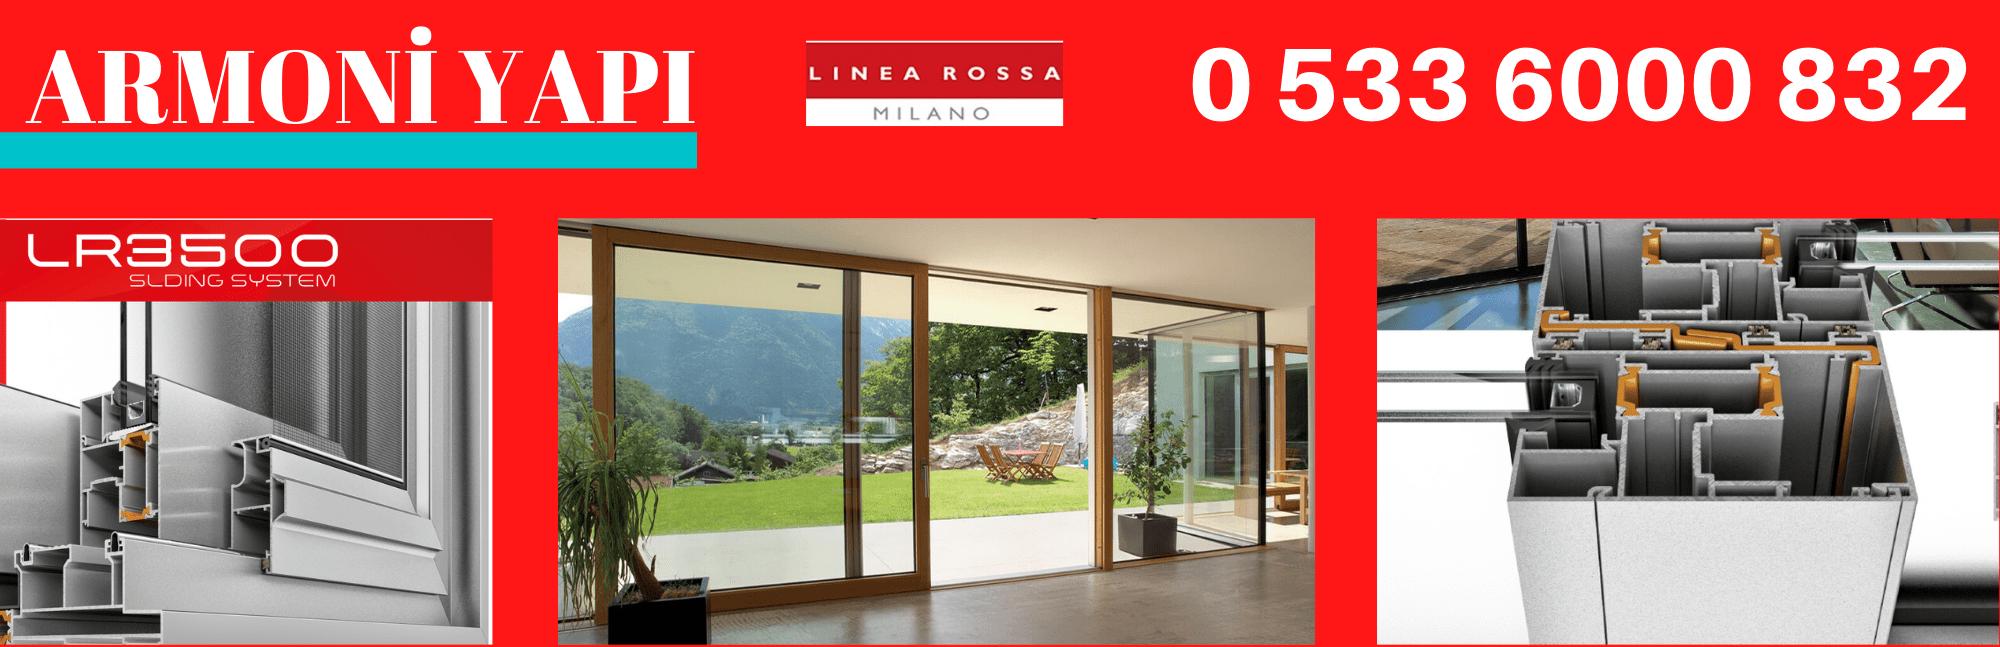 Linea Rossa LR-3500 sürgülü doğrama